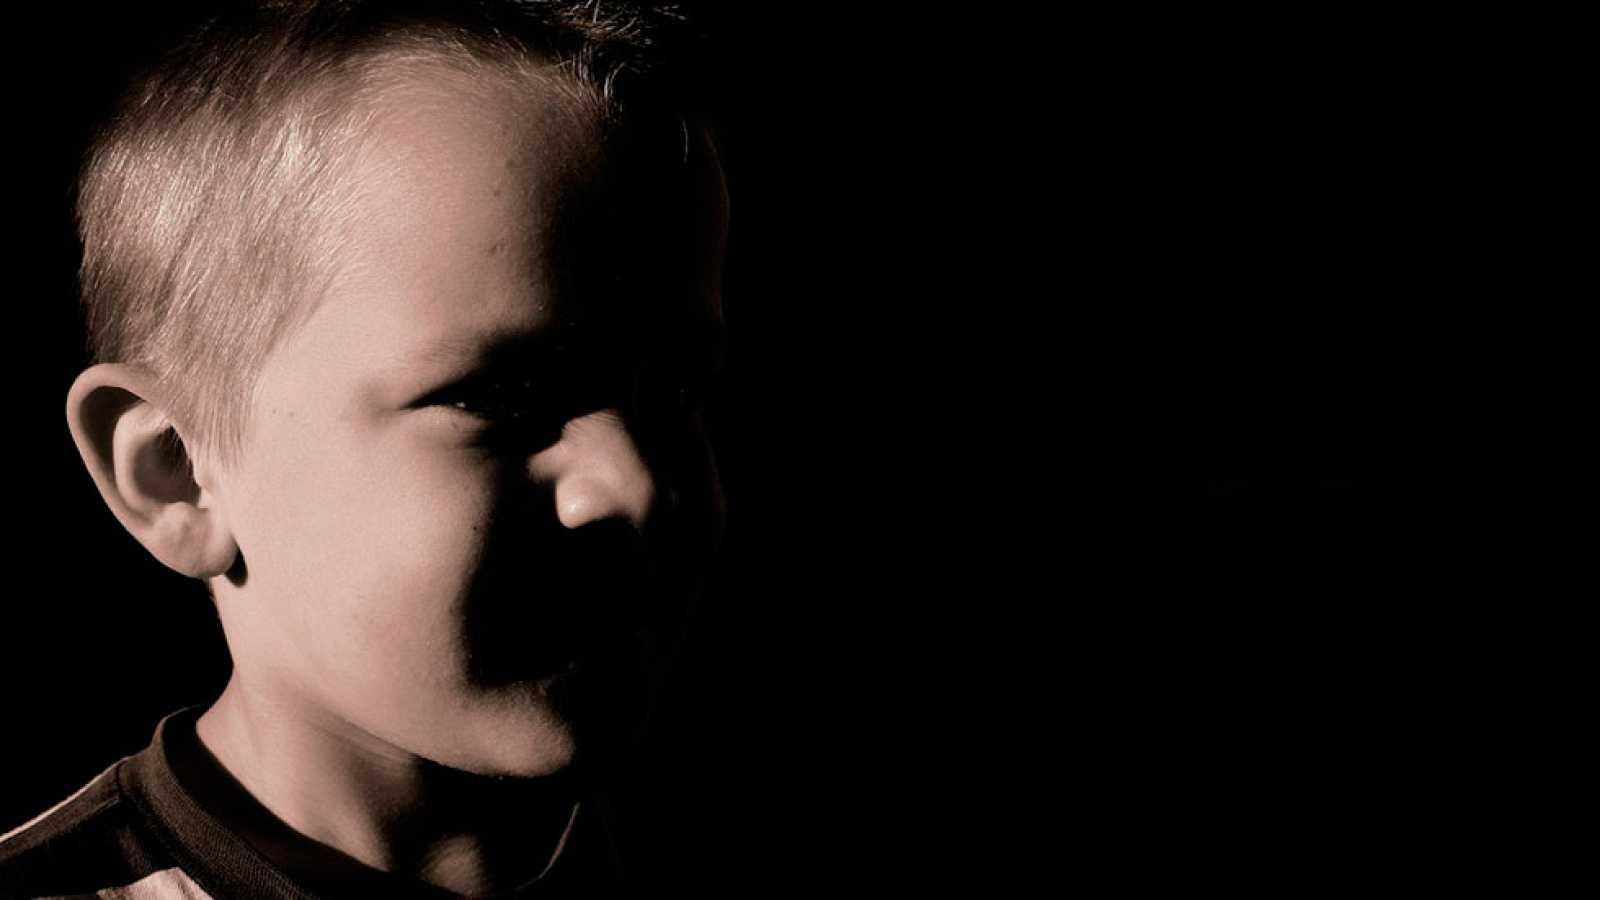 La Sombra de Clara, un cuento para ayudar a prevenir abusos sexuales